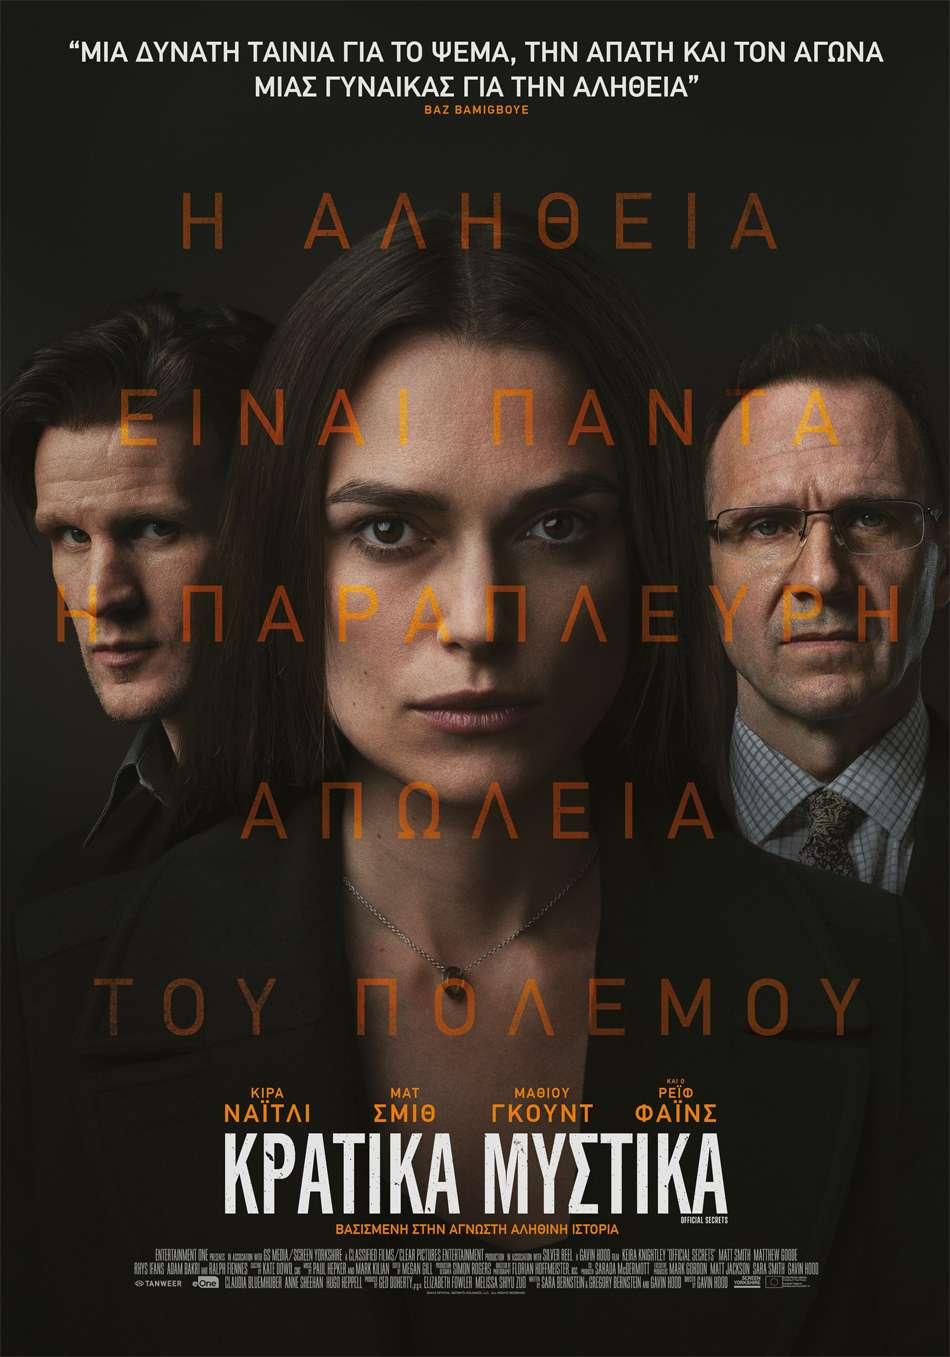 Κρατικά Μυστικά (Official Secrets) Poster Πόστερ